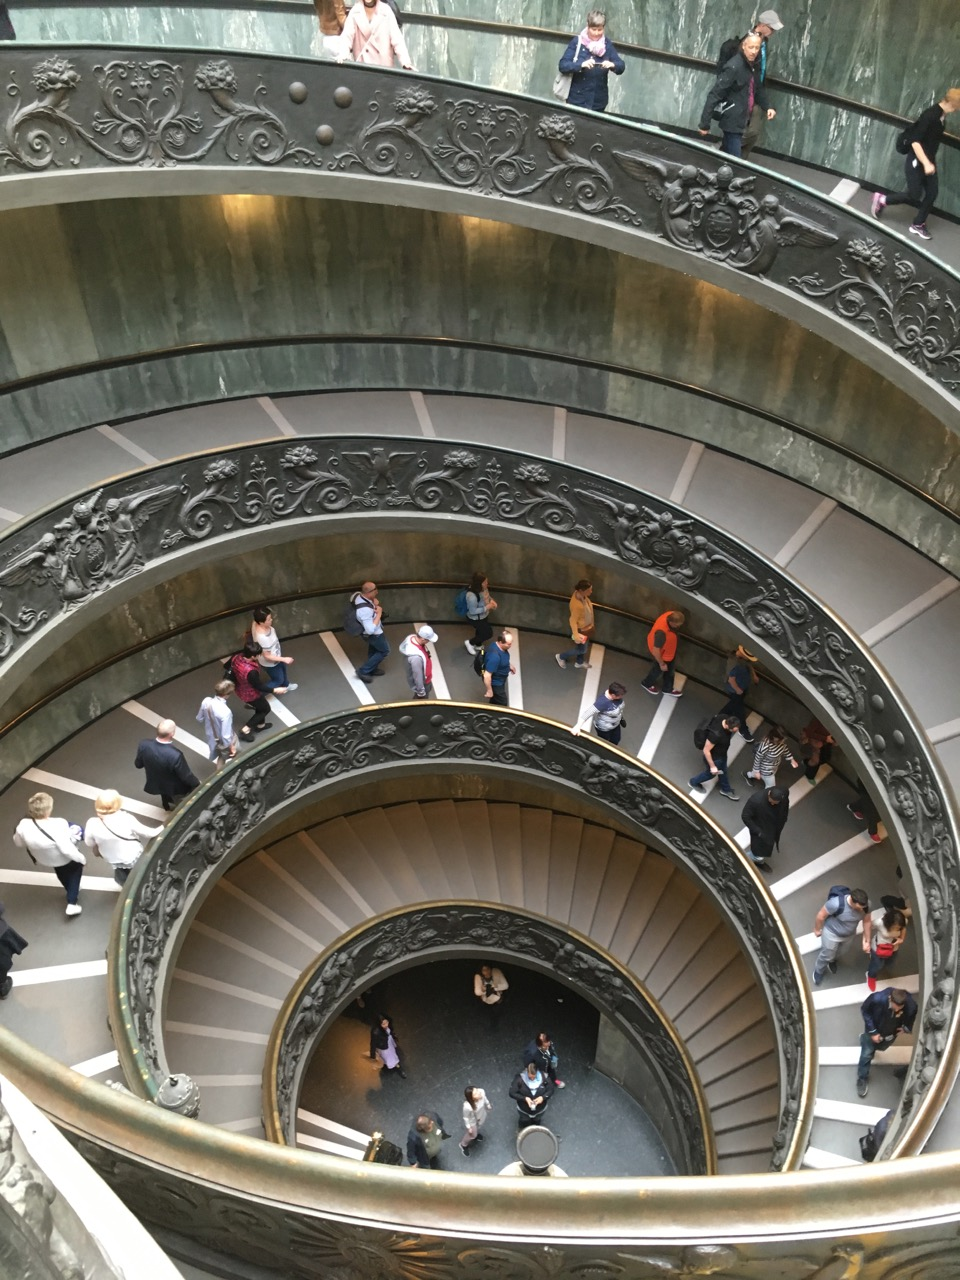 出口处的螺旋楼梯,注意,这是双层旋梯